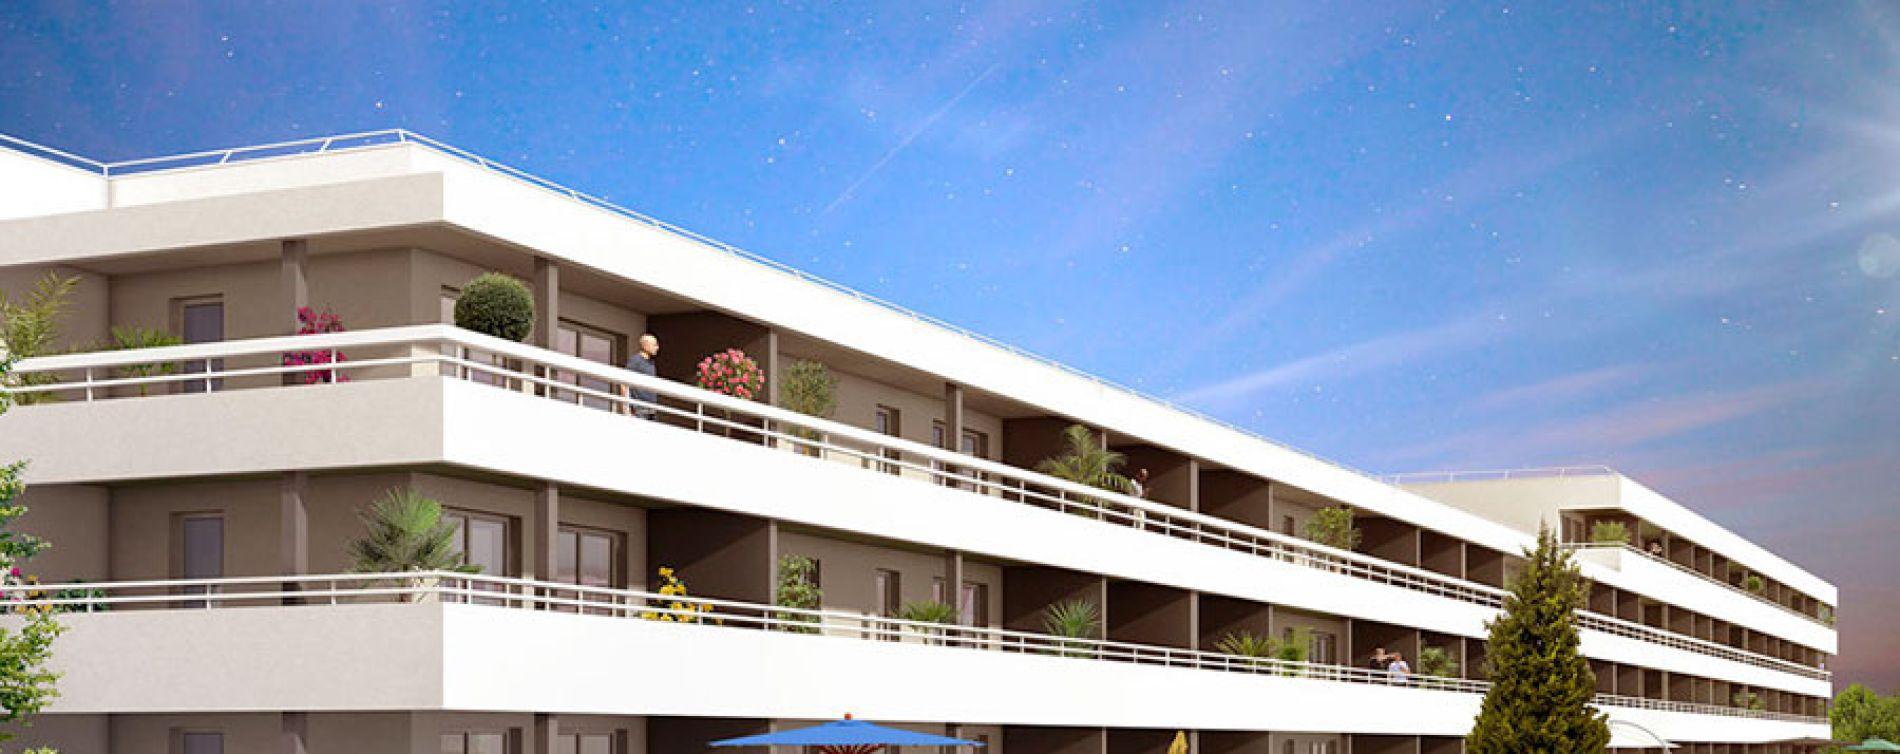 ligne bleue marseille programme immobilier neuf n 212539. Black Bedroom Furniture Sets. Home Design Ideas